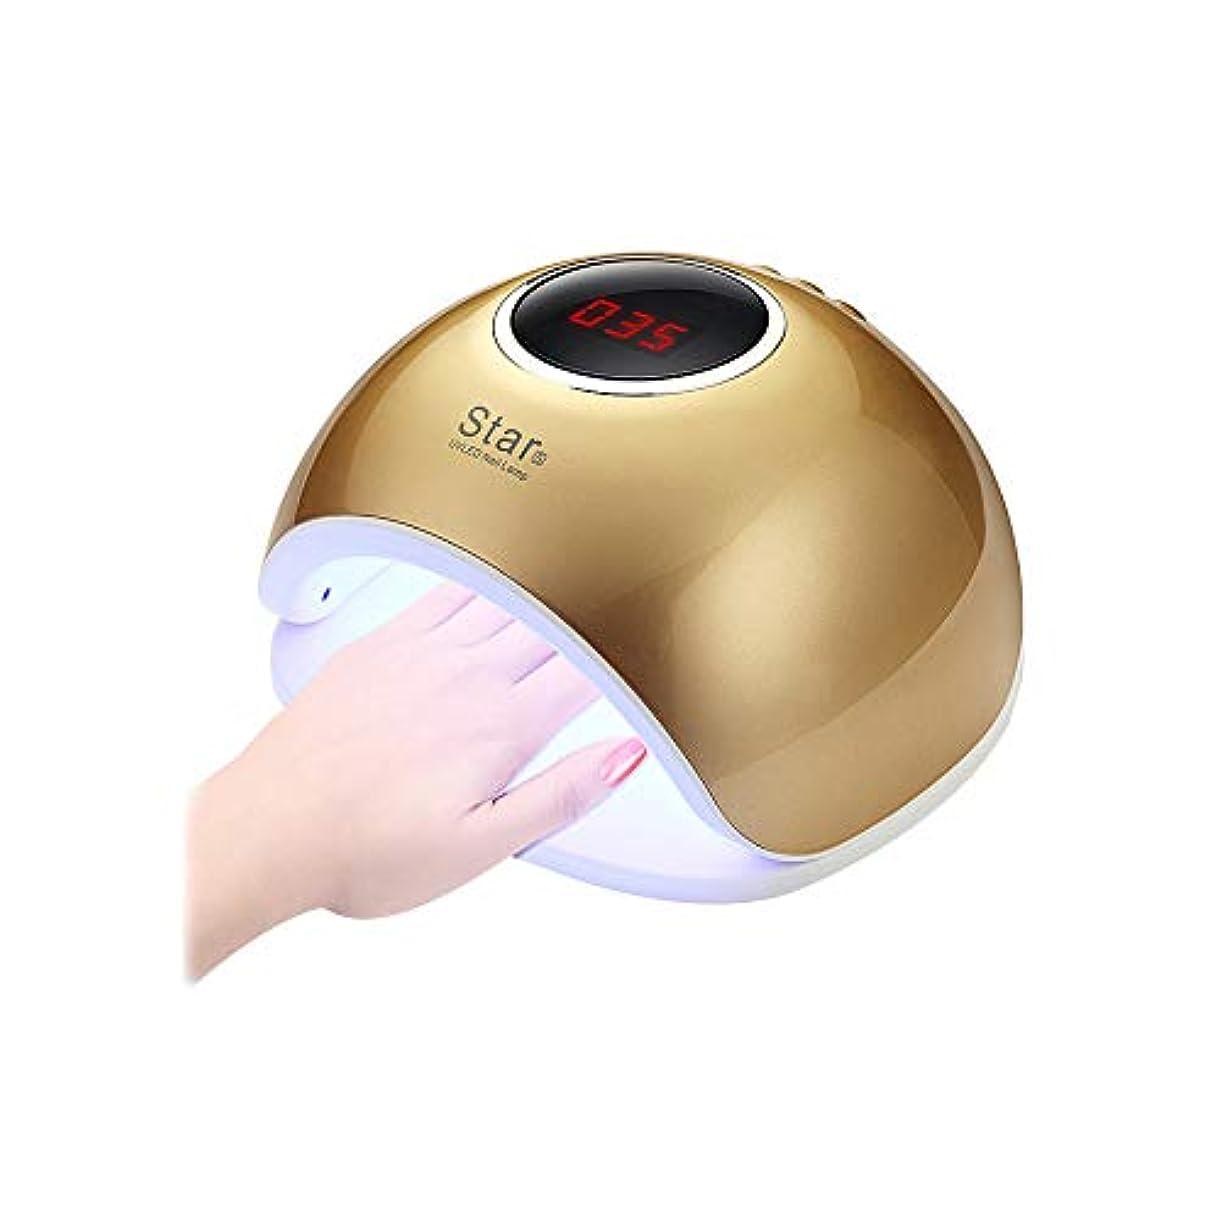 考慮安心入射LEDディスプレイ72Wインテリジェント誘導無痛速乾性光線療法ランプネイルポリッシュグルーライト速乾性ドライヤーネイルポリッシュUVランプ